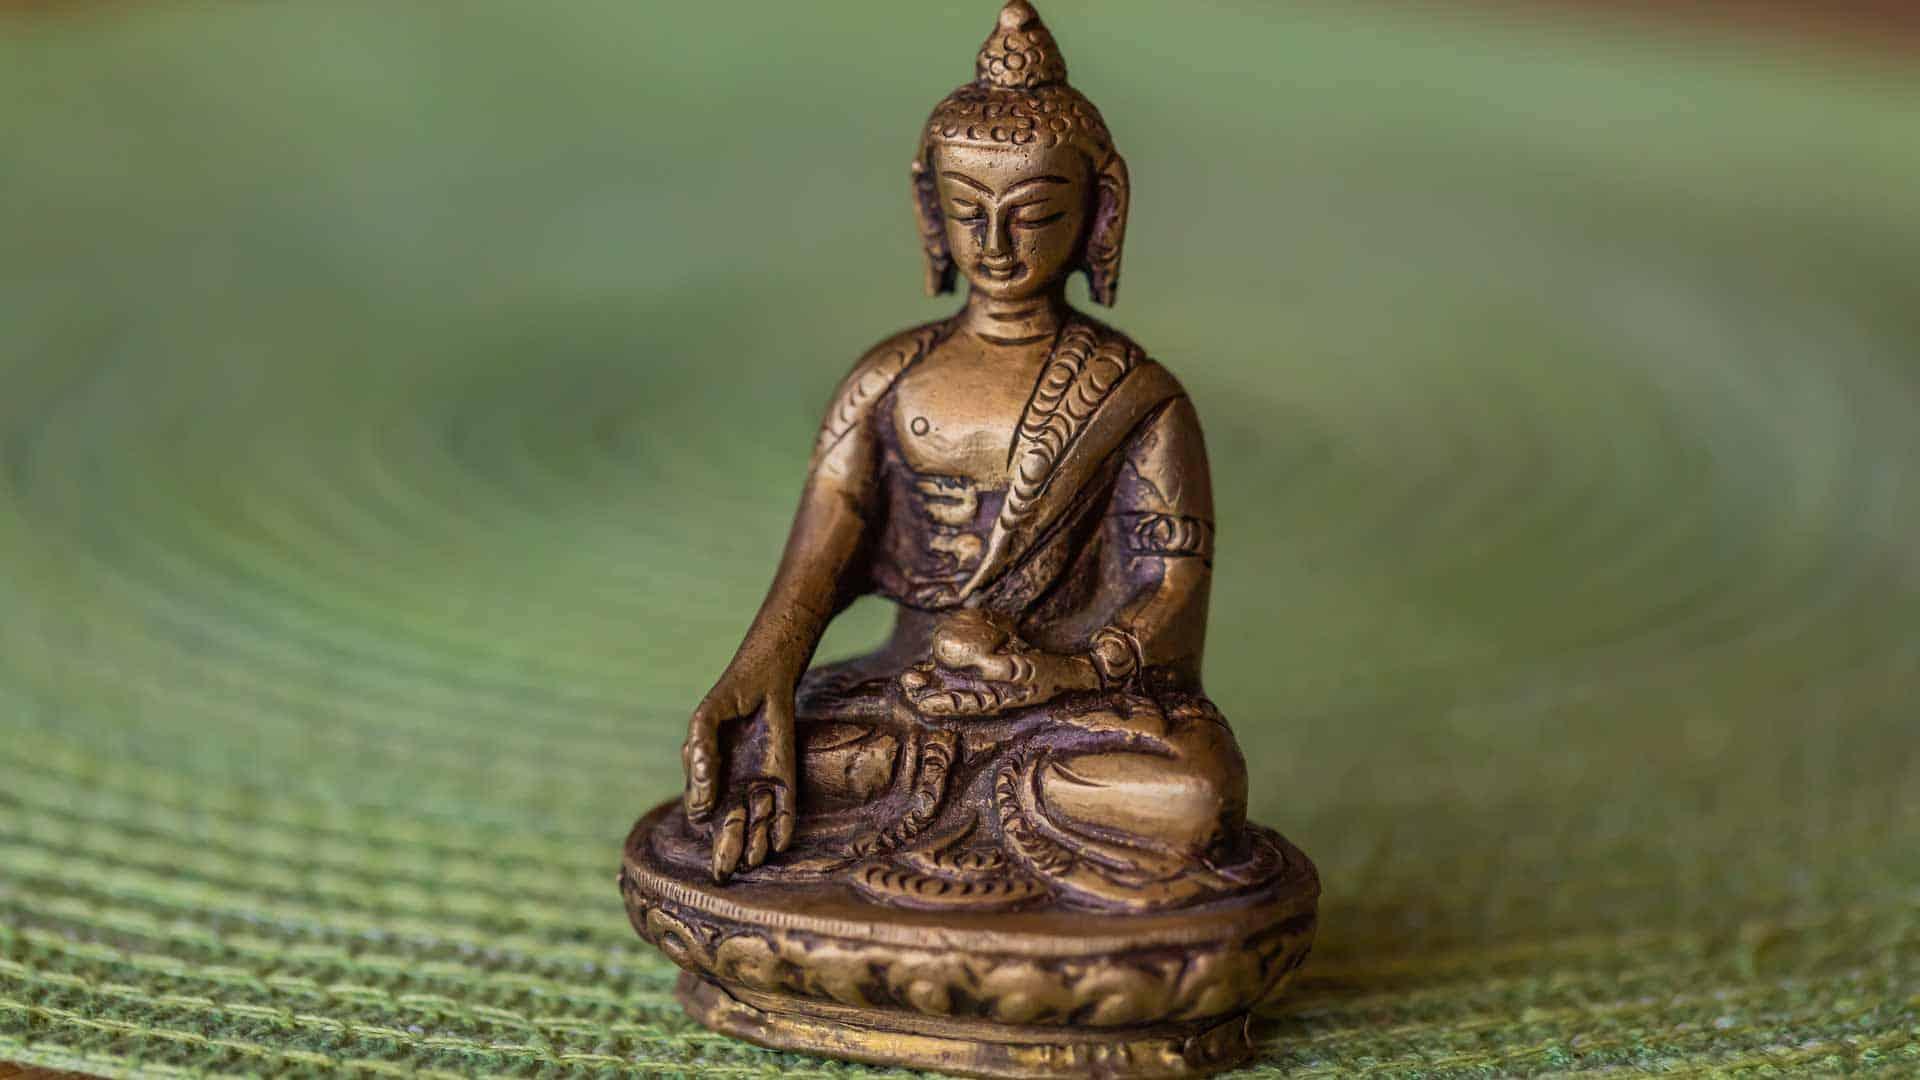 kleiner Buddha mit grünem Hintergrund im LANAI SPA